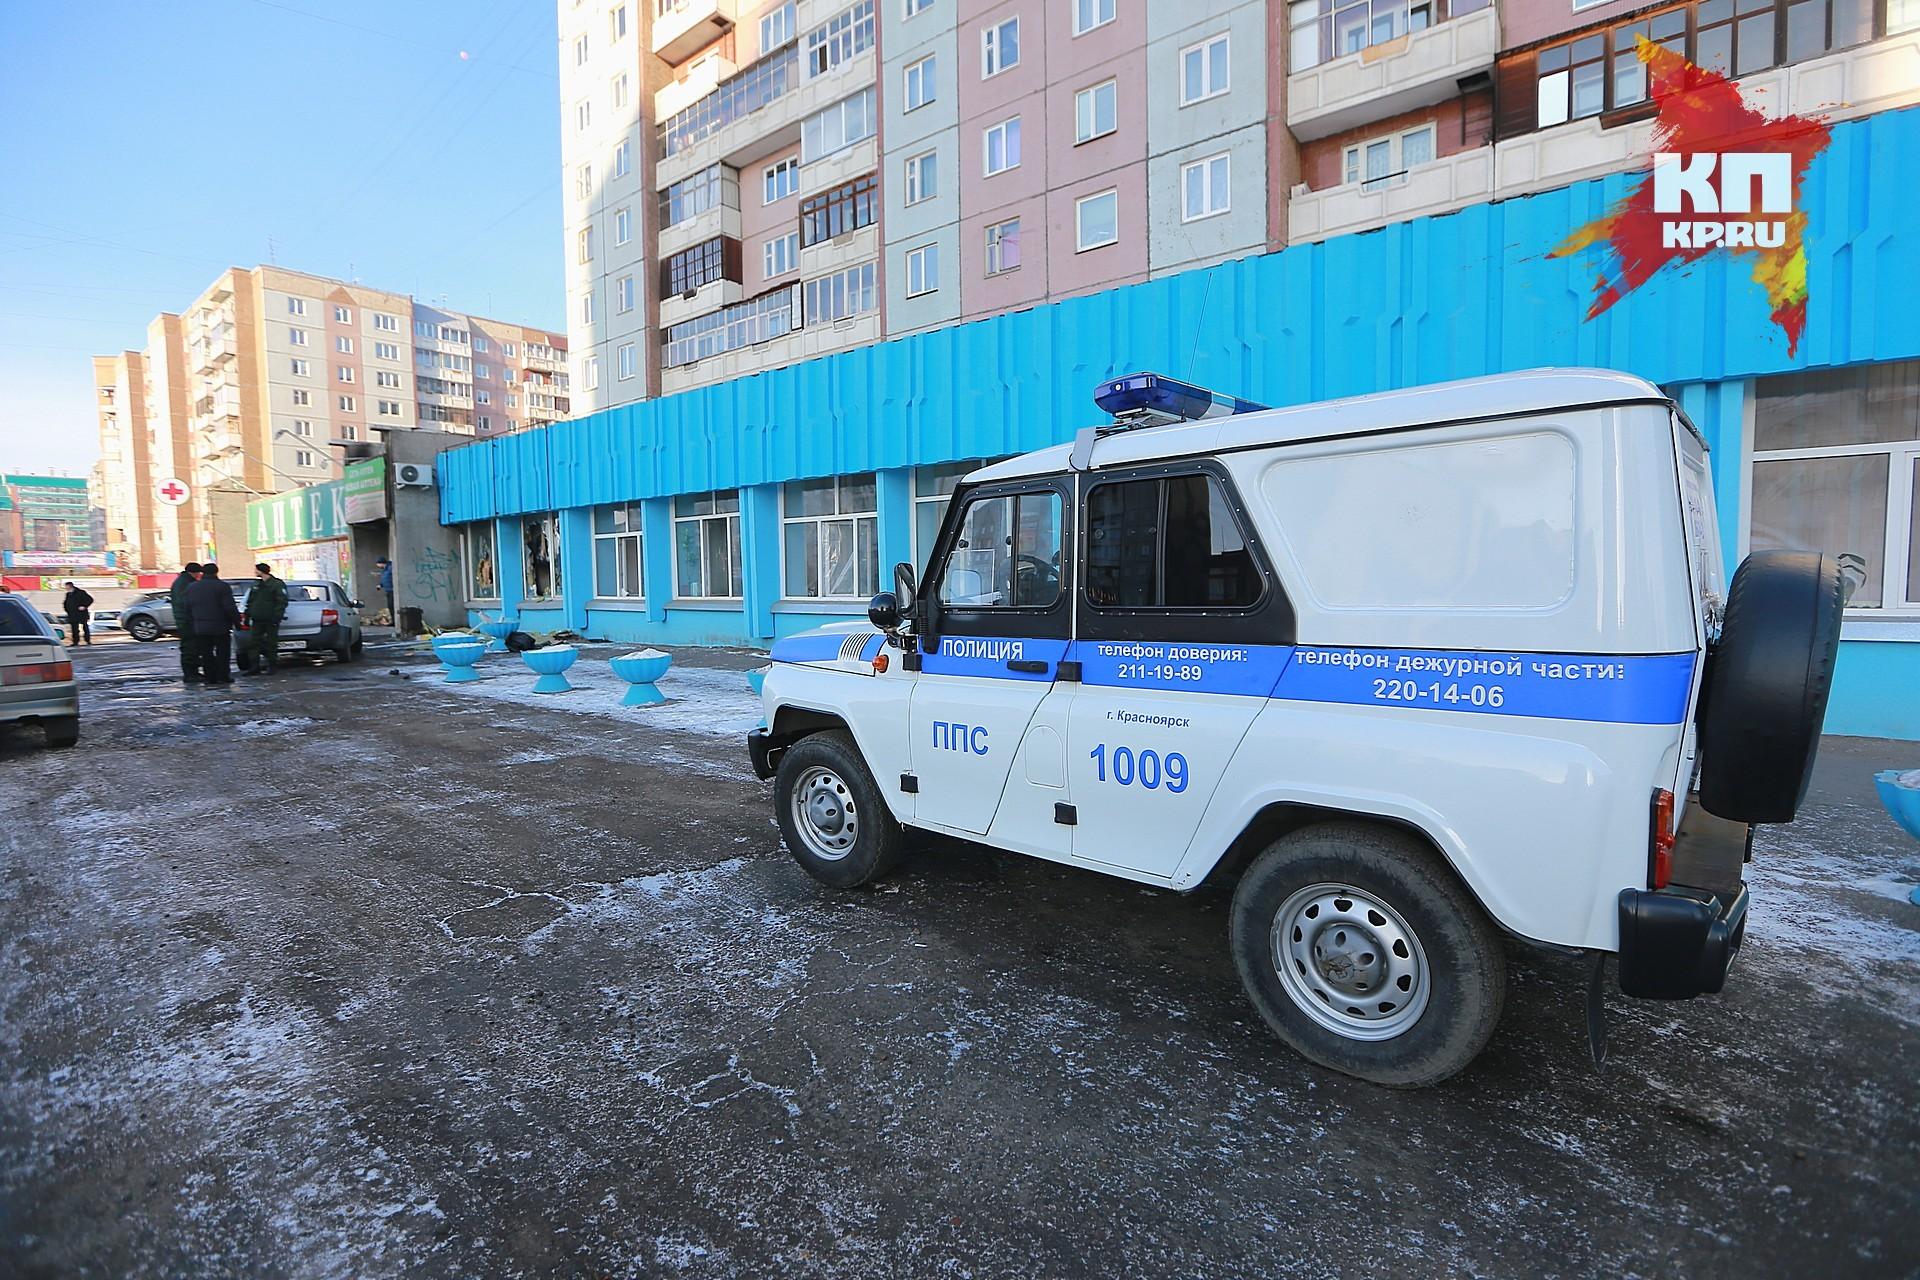 Милиция иРосгвардия задержали вымогателей земли вКрасноярске